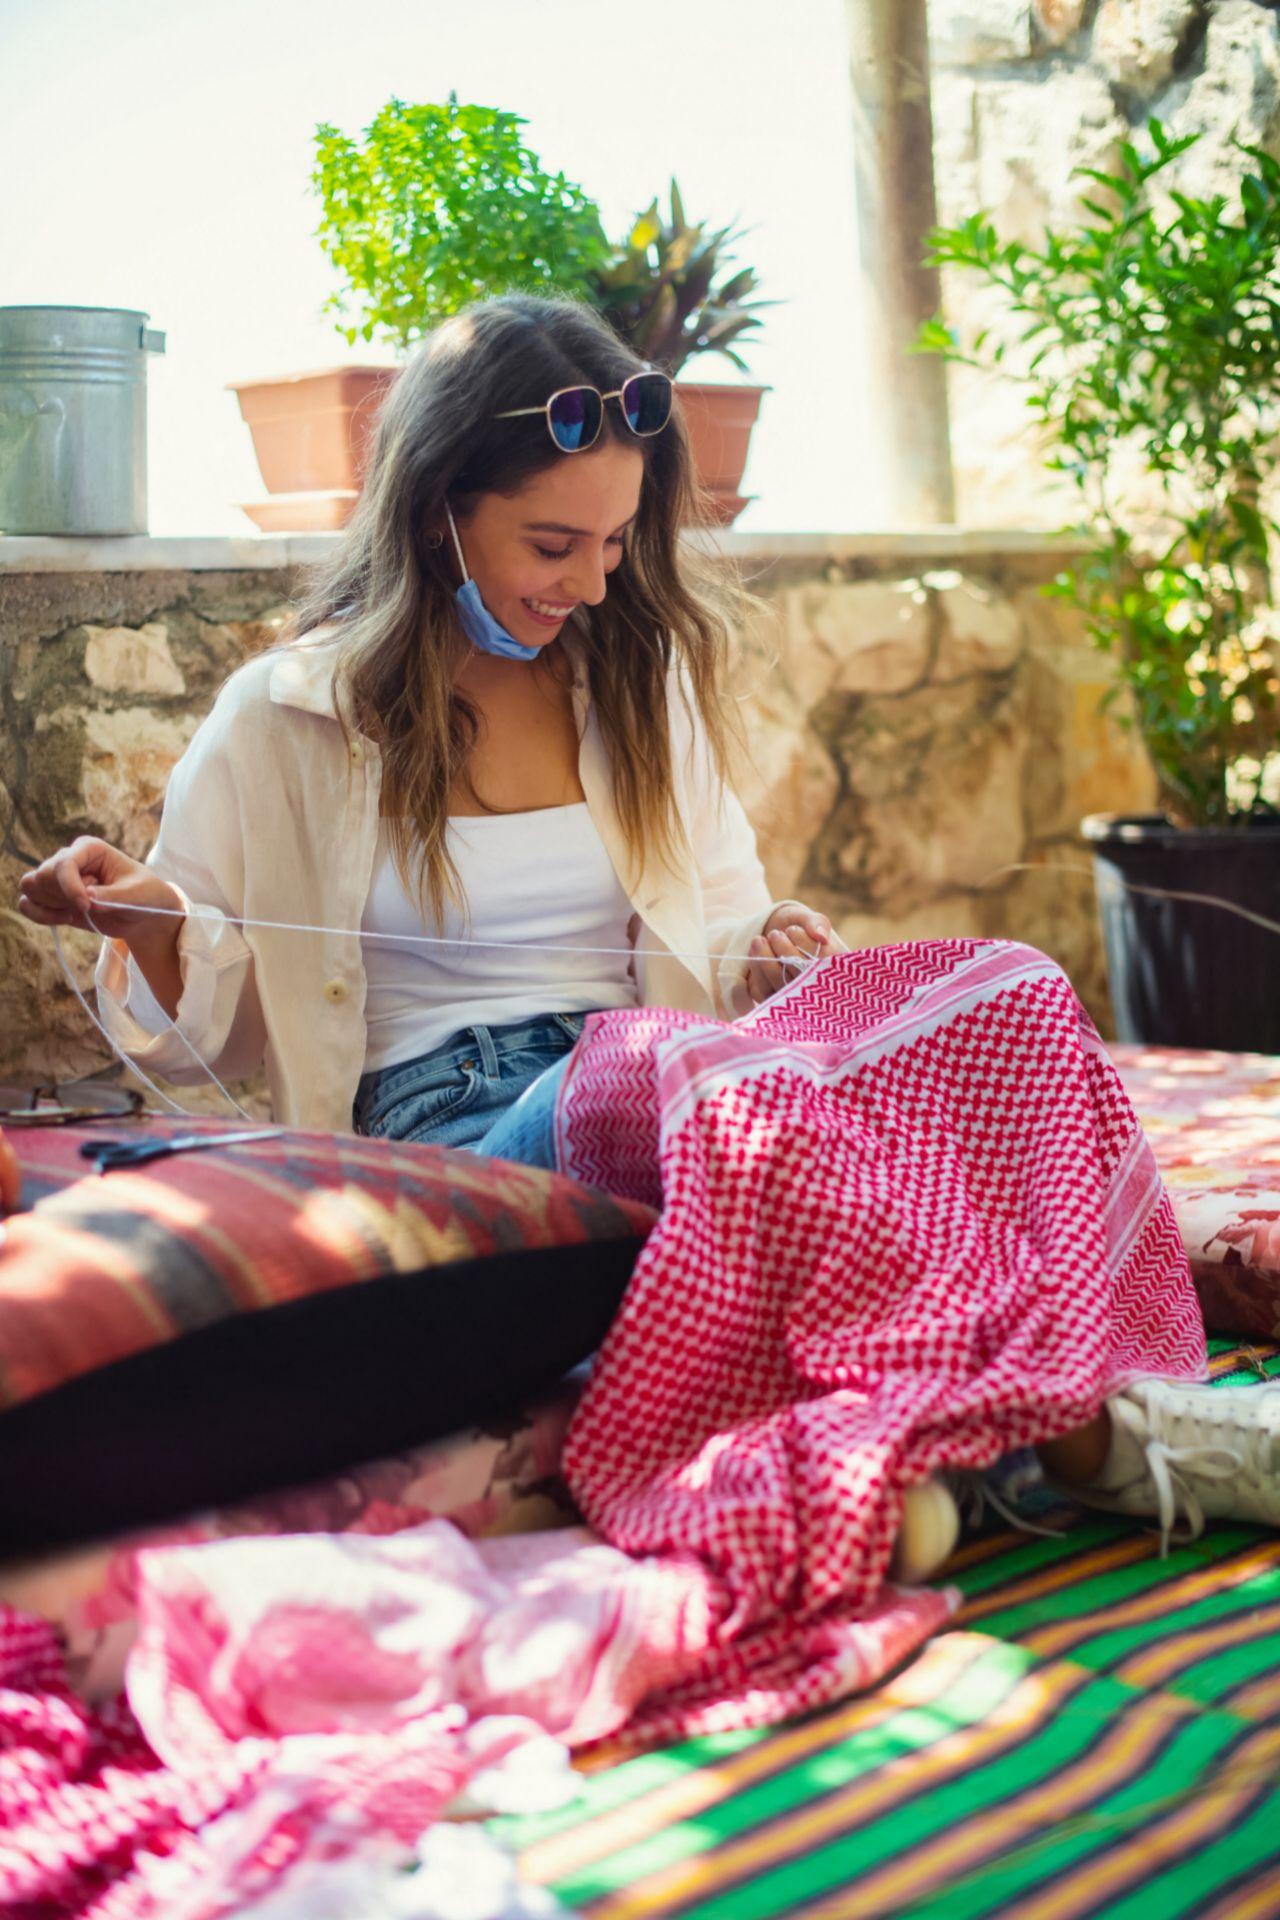 Iman tejiendo el característico pañuelo jordano en Umm Qais.